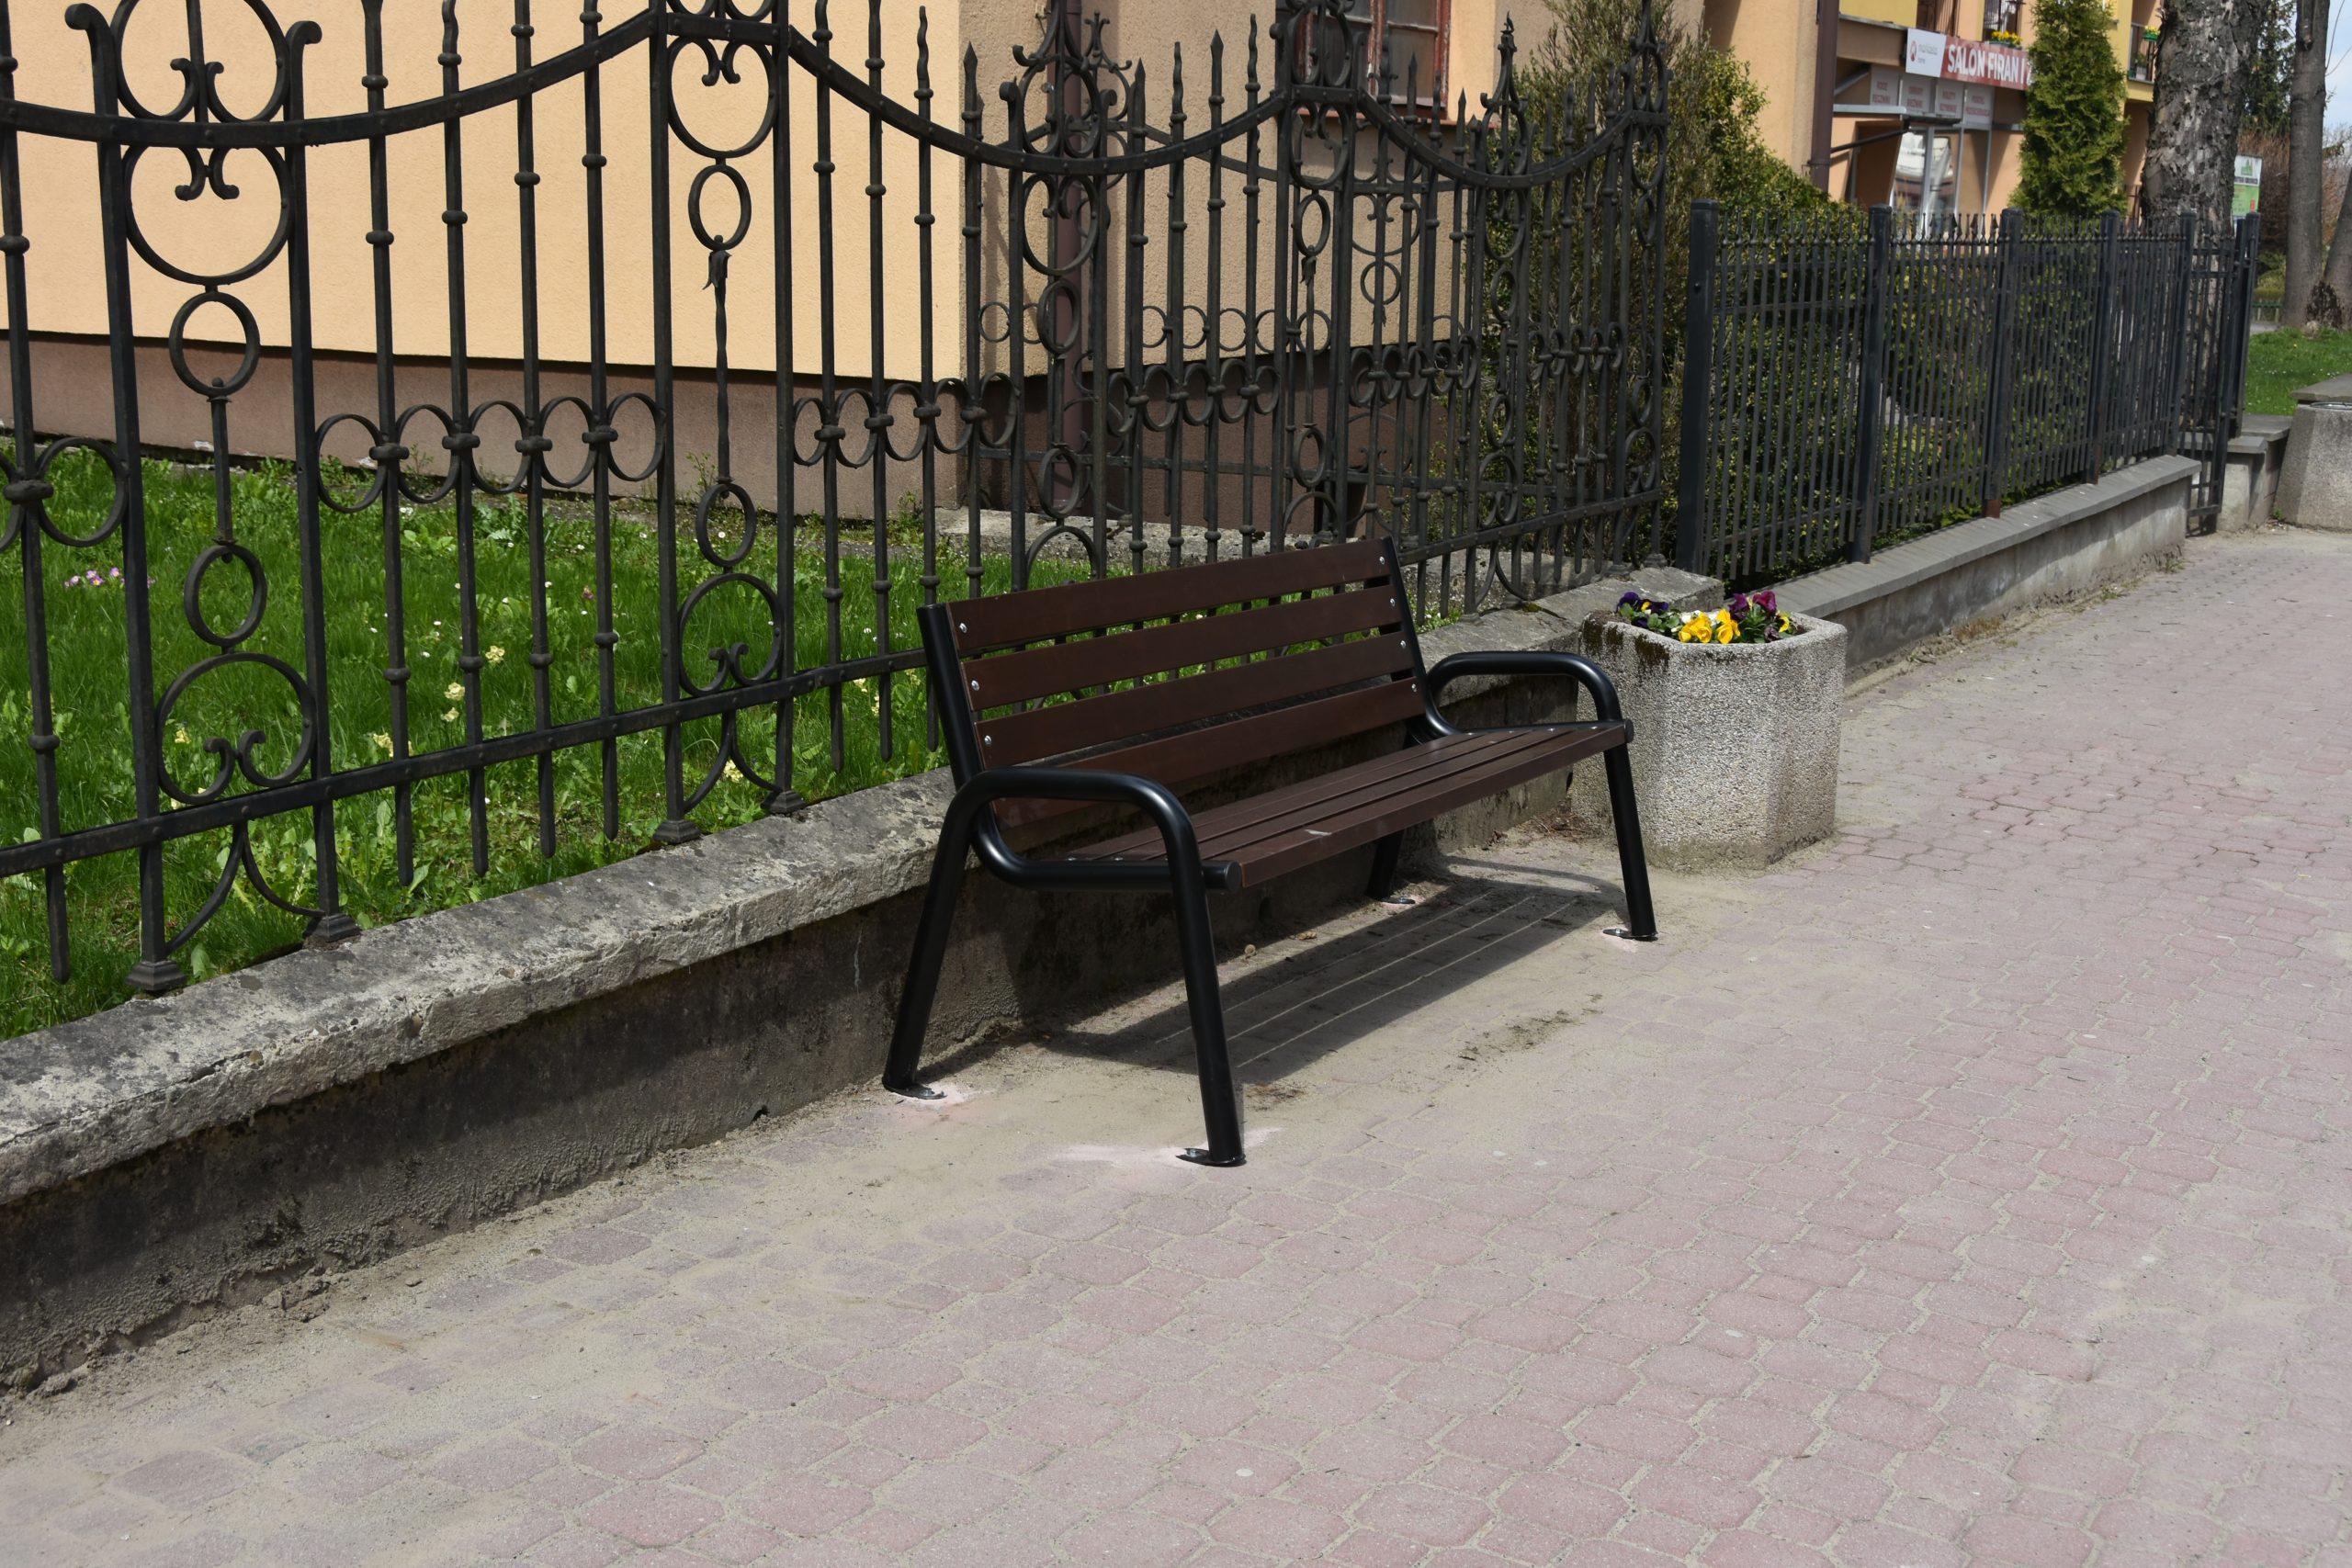 Ławka drewniana stoi na chodniku. Za nią ciemne metalowe ogrodzenie. Obok kwietnik.